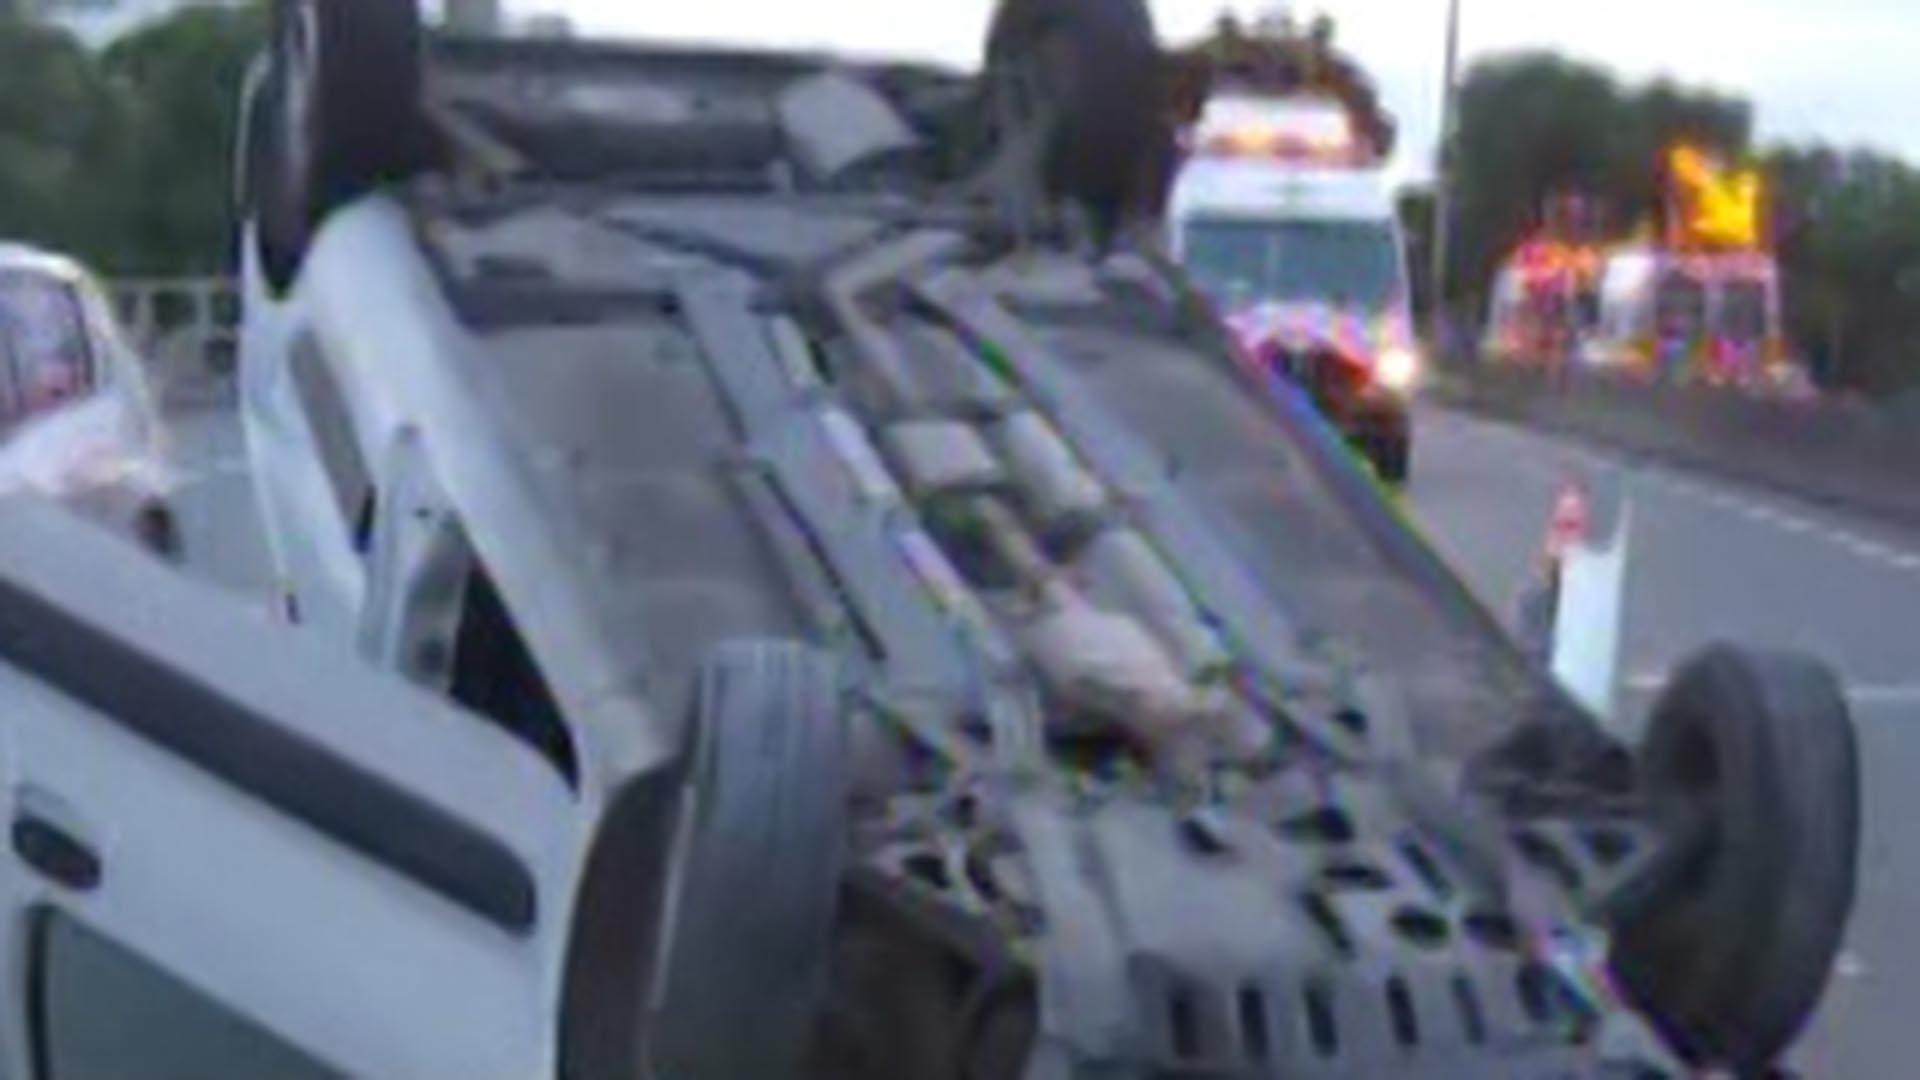 La camioneta quedó volcada en el medio de la General Paz, en Villa Lugano